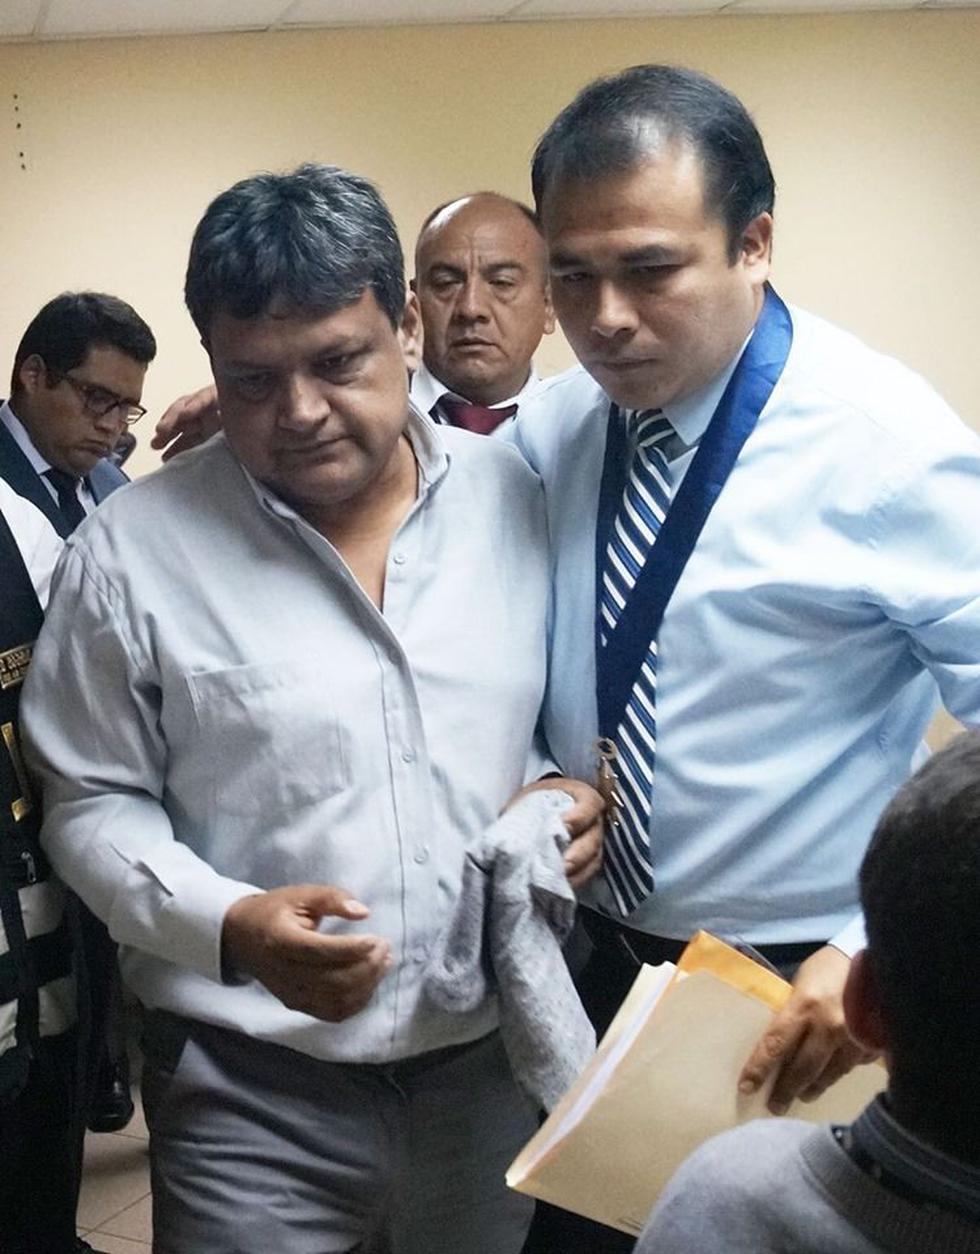 El regidor Marino Olivera se salvó de la cárcel, pero sí fue inhabilitado, por lo que deberá dejar el cargo.